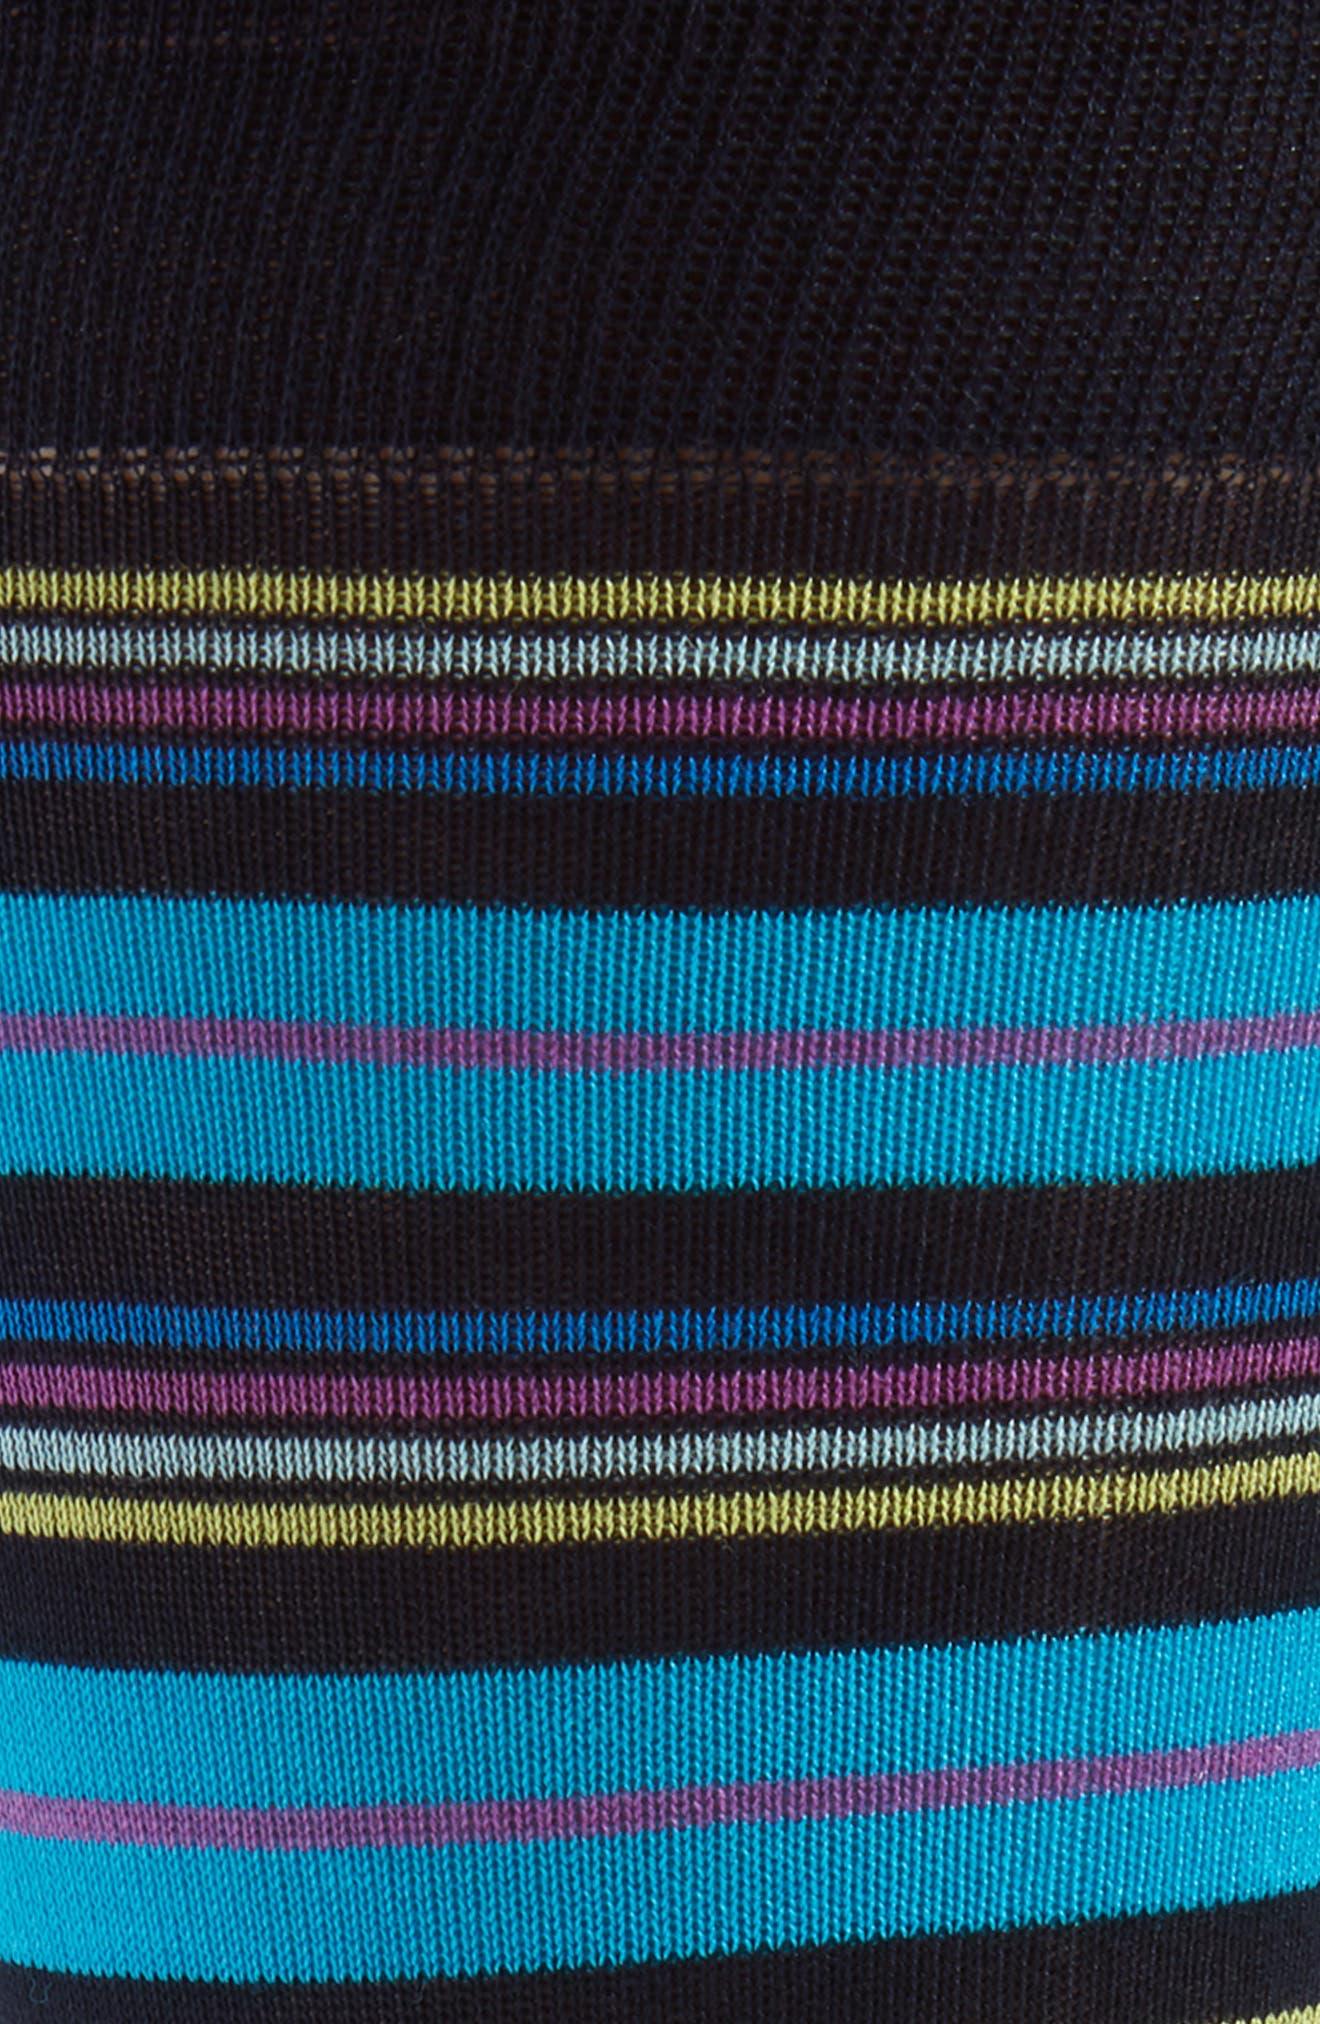 Multistripe Socks,                             Alternate thumbnail 2, color,                             NAVY